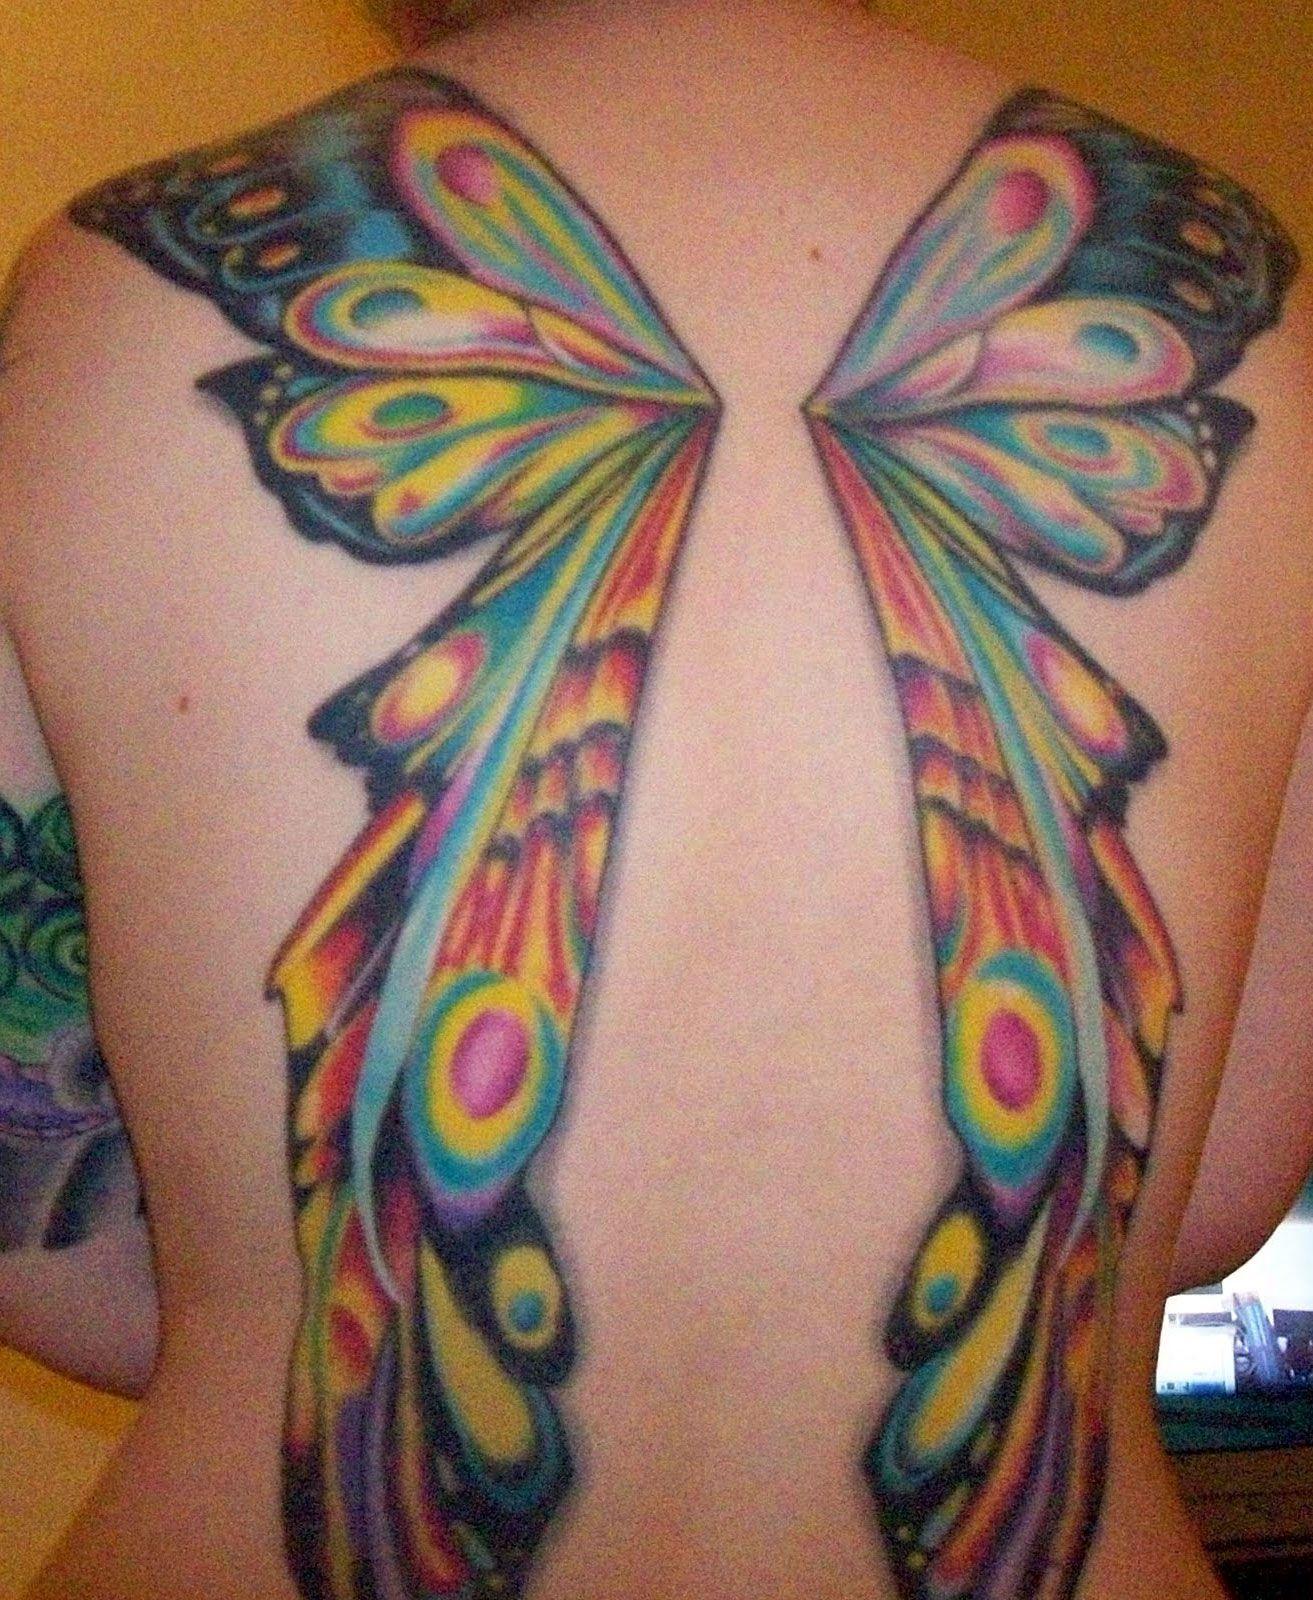 butterflytattooswithnamesinwings.jpg Butterfly wing